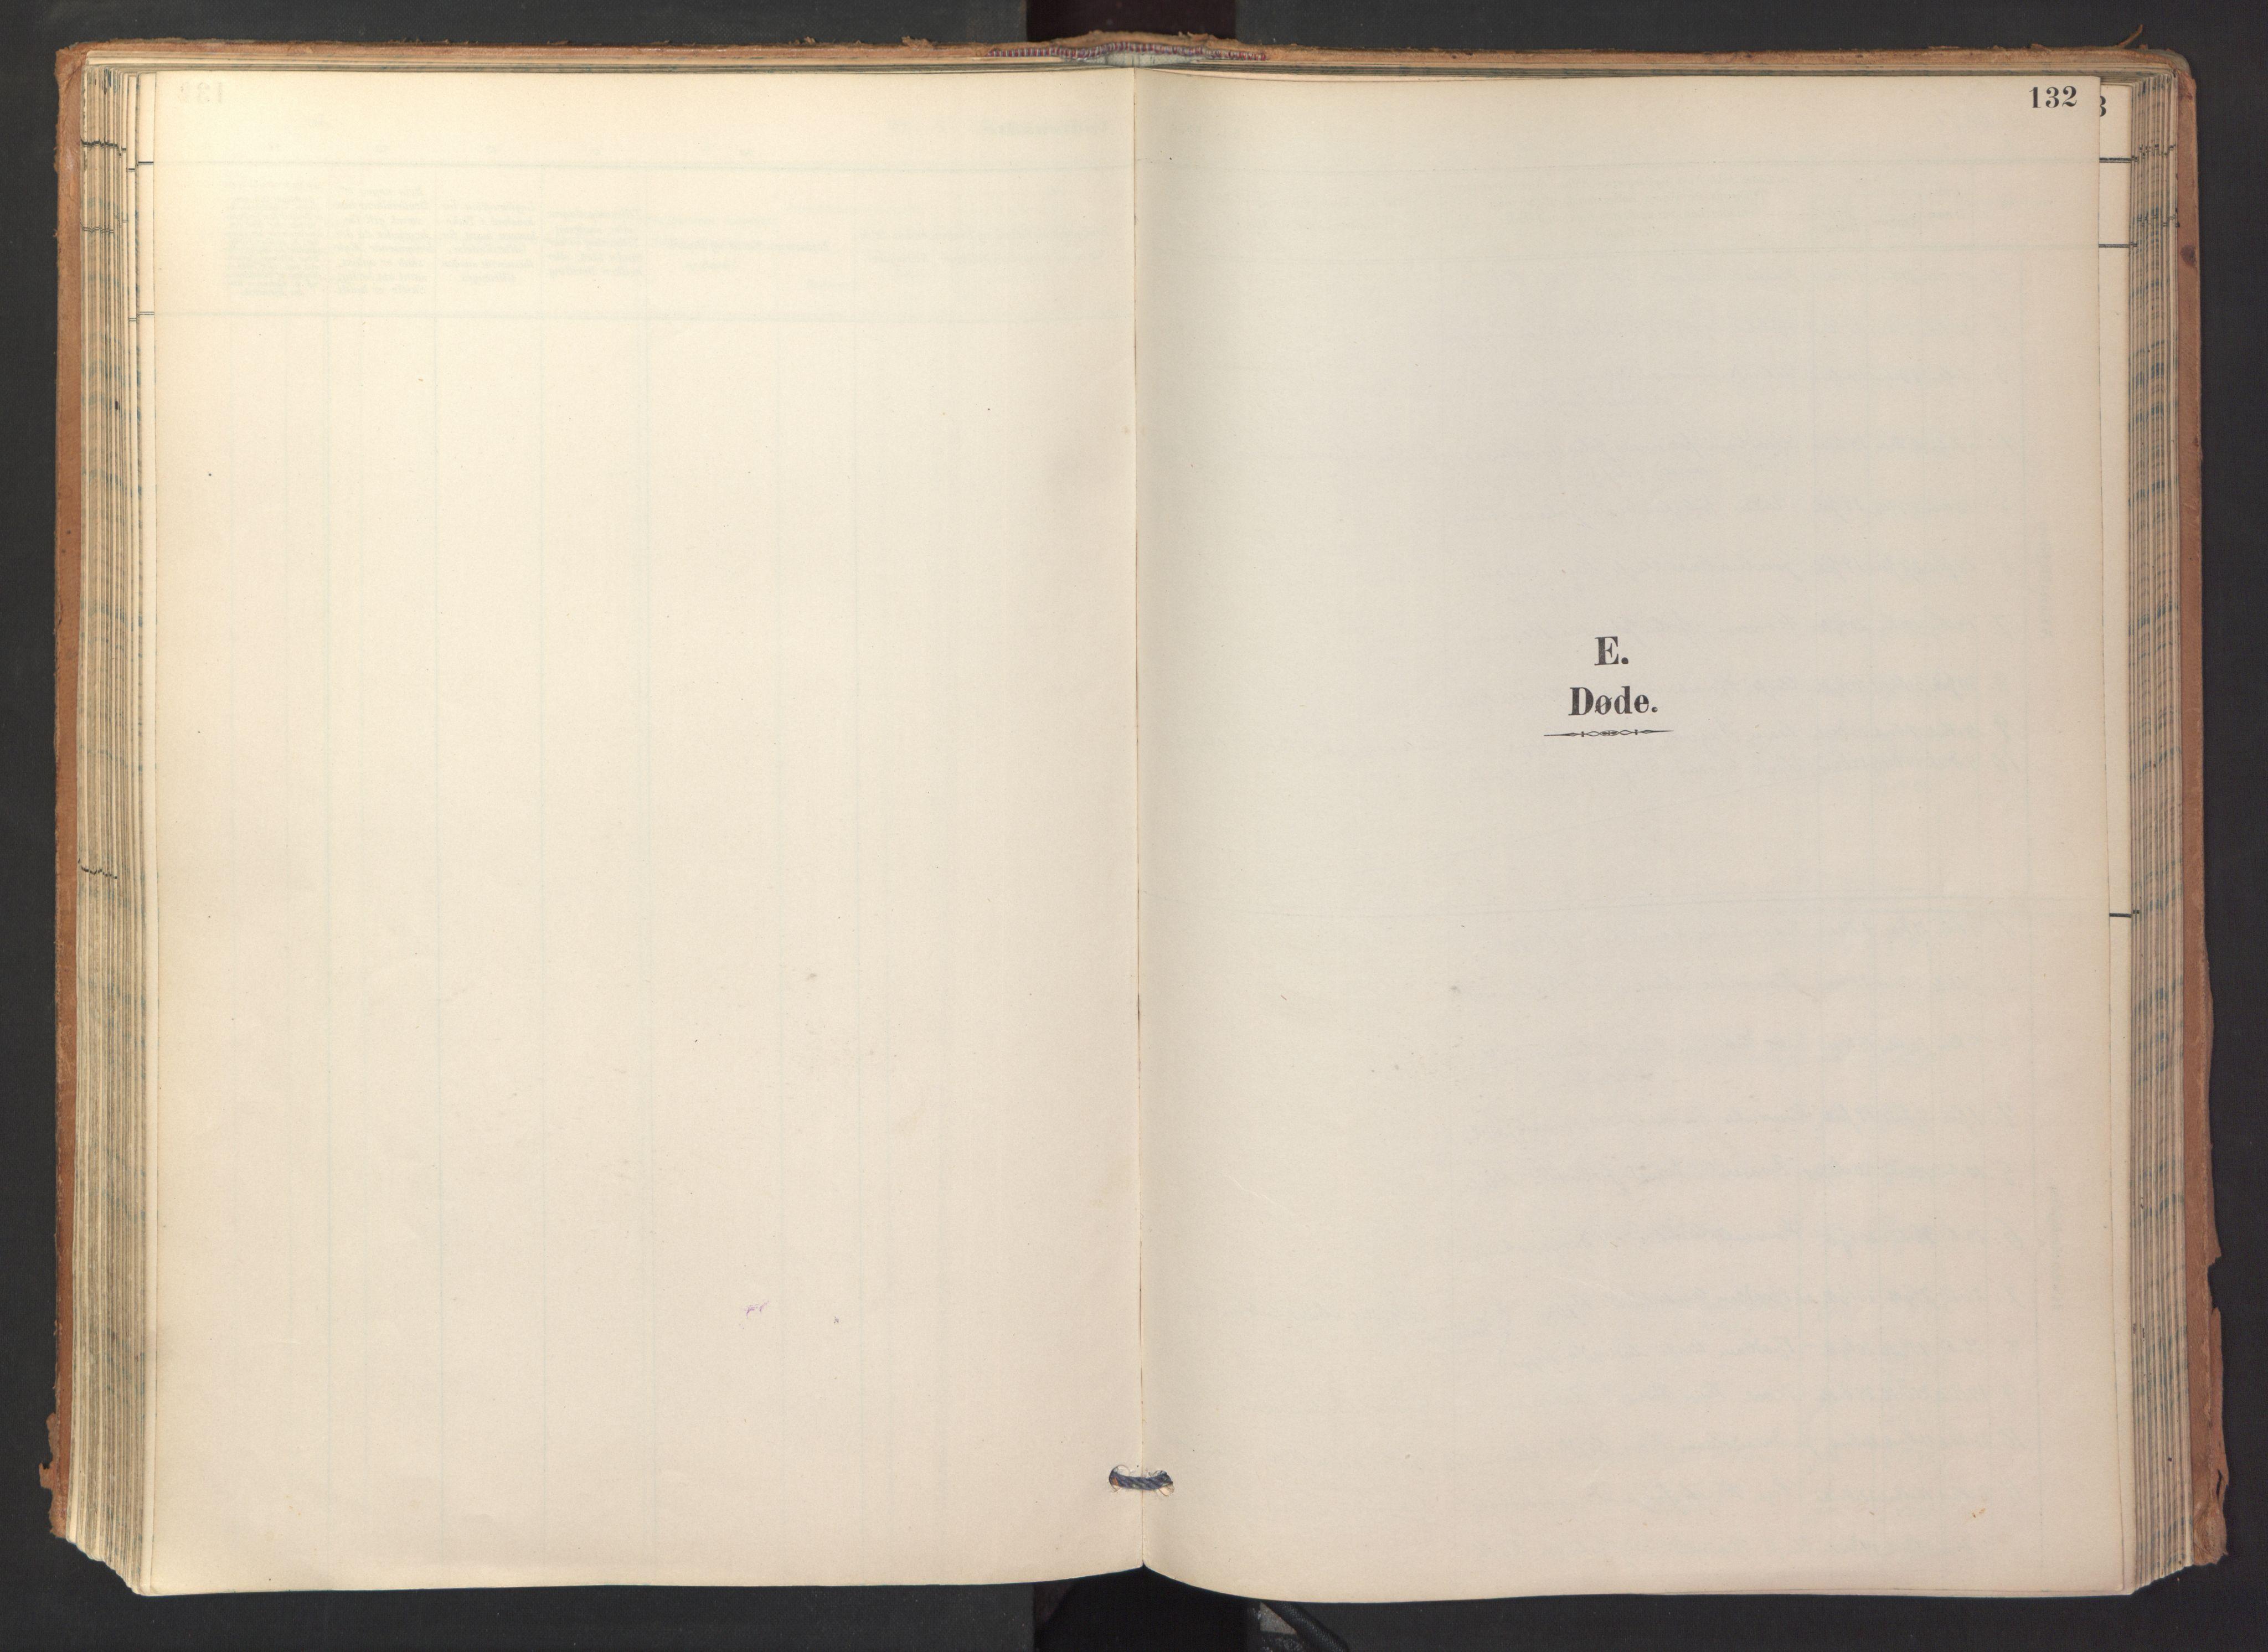 SAT, Ministerialprotokoller, klokkerbøker og fødselsregistre - Sør-Trøndelag, 688/L1025: Ministerialbok nr. 688A02, 1891-1909, s. 132